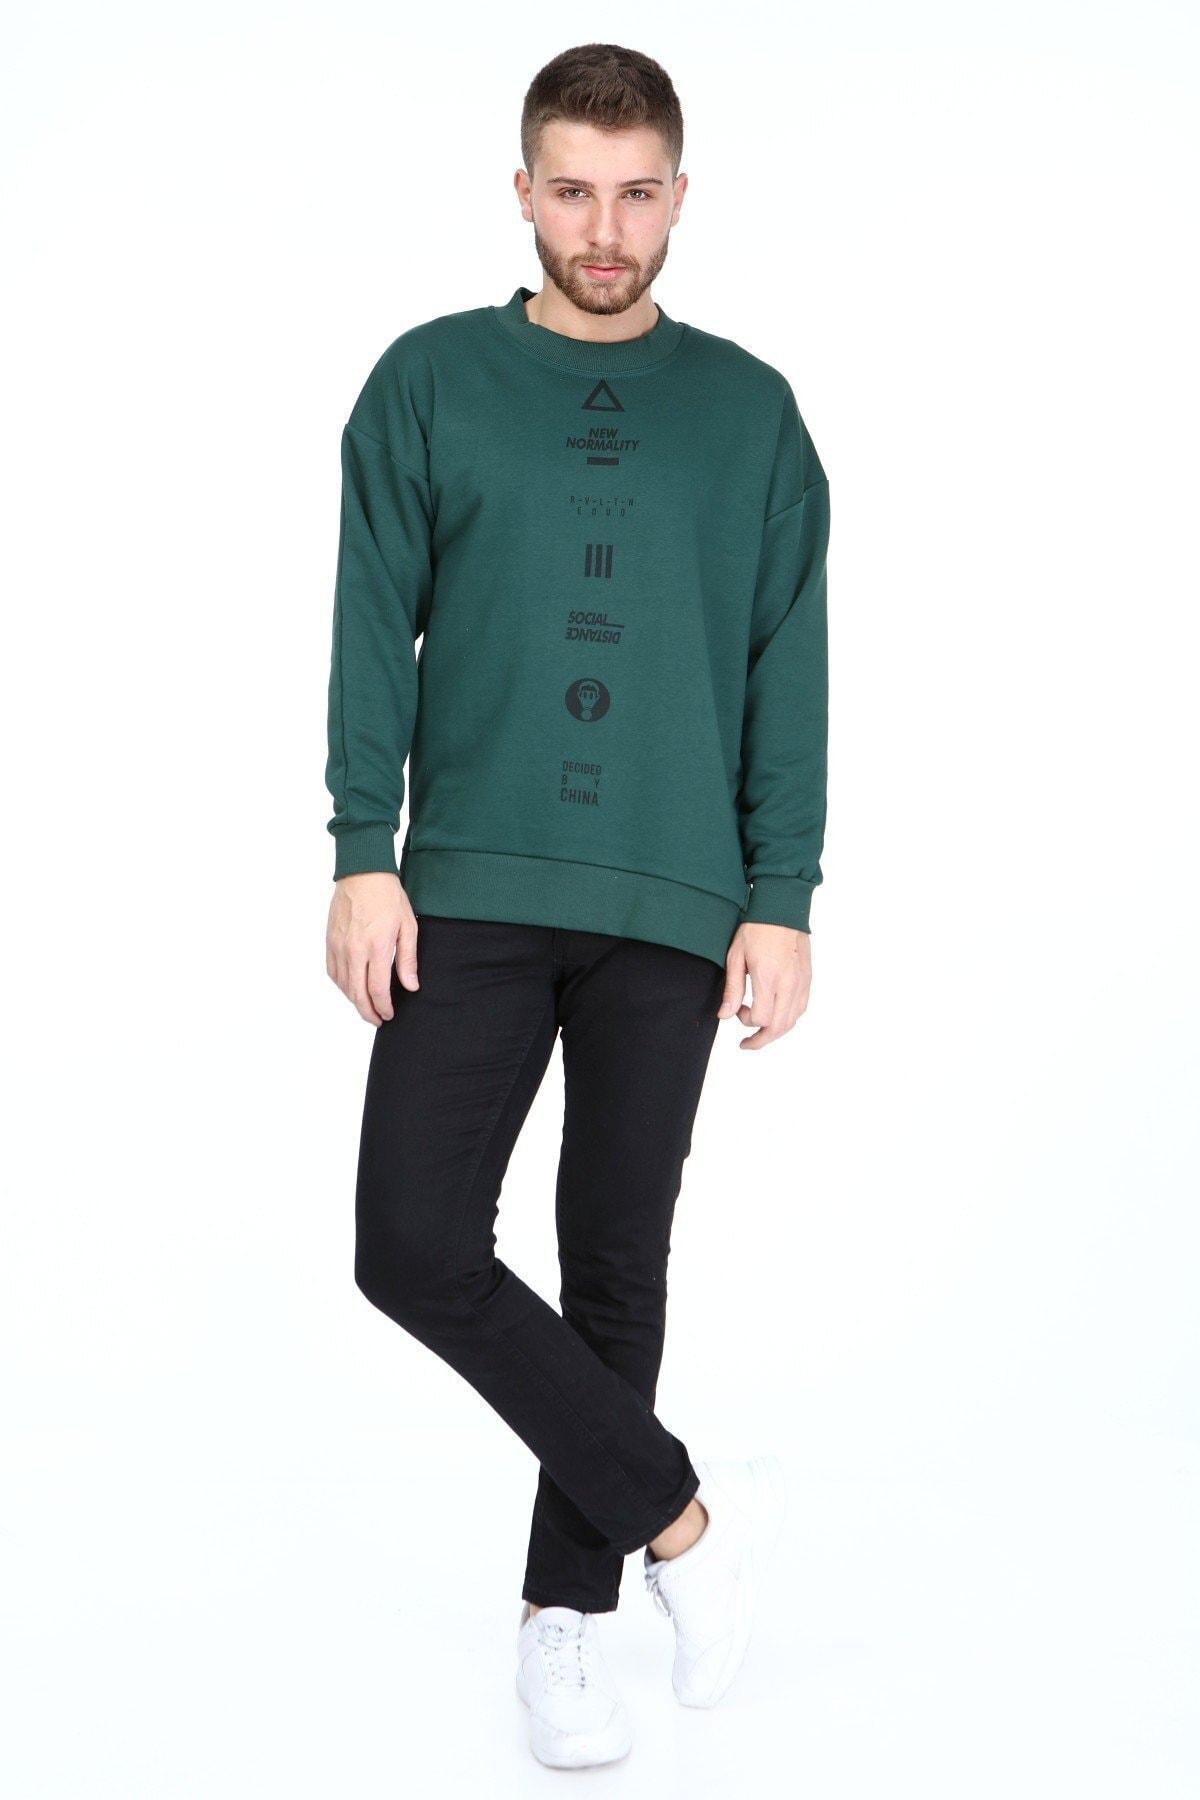 Millionaire Erkek Yeşil Nefti Yırtmaçlı Telefon Arkası Baskılı Oversize Sweatshirt